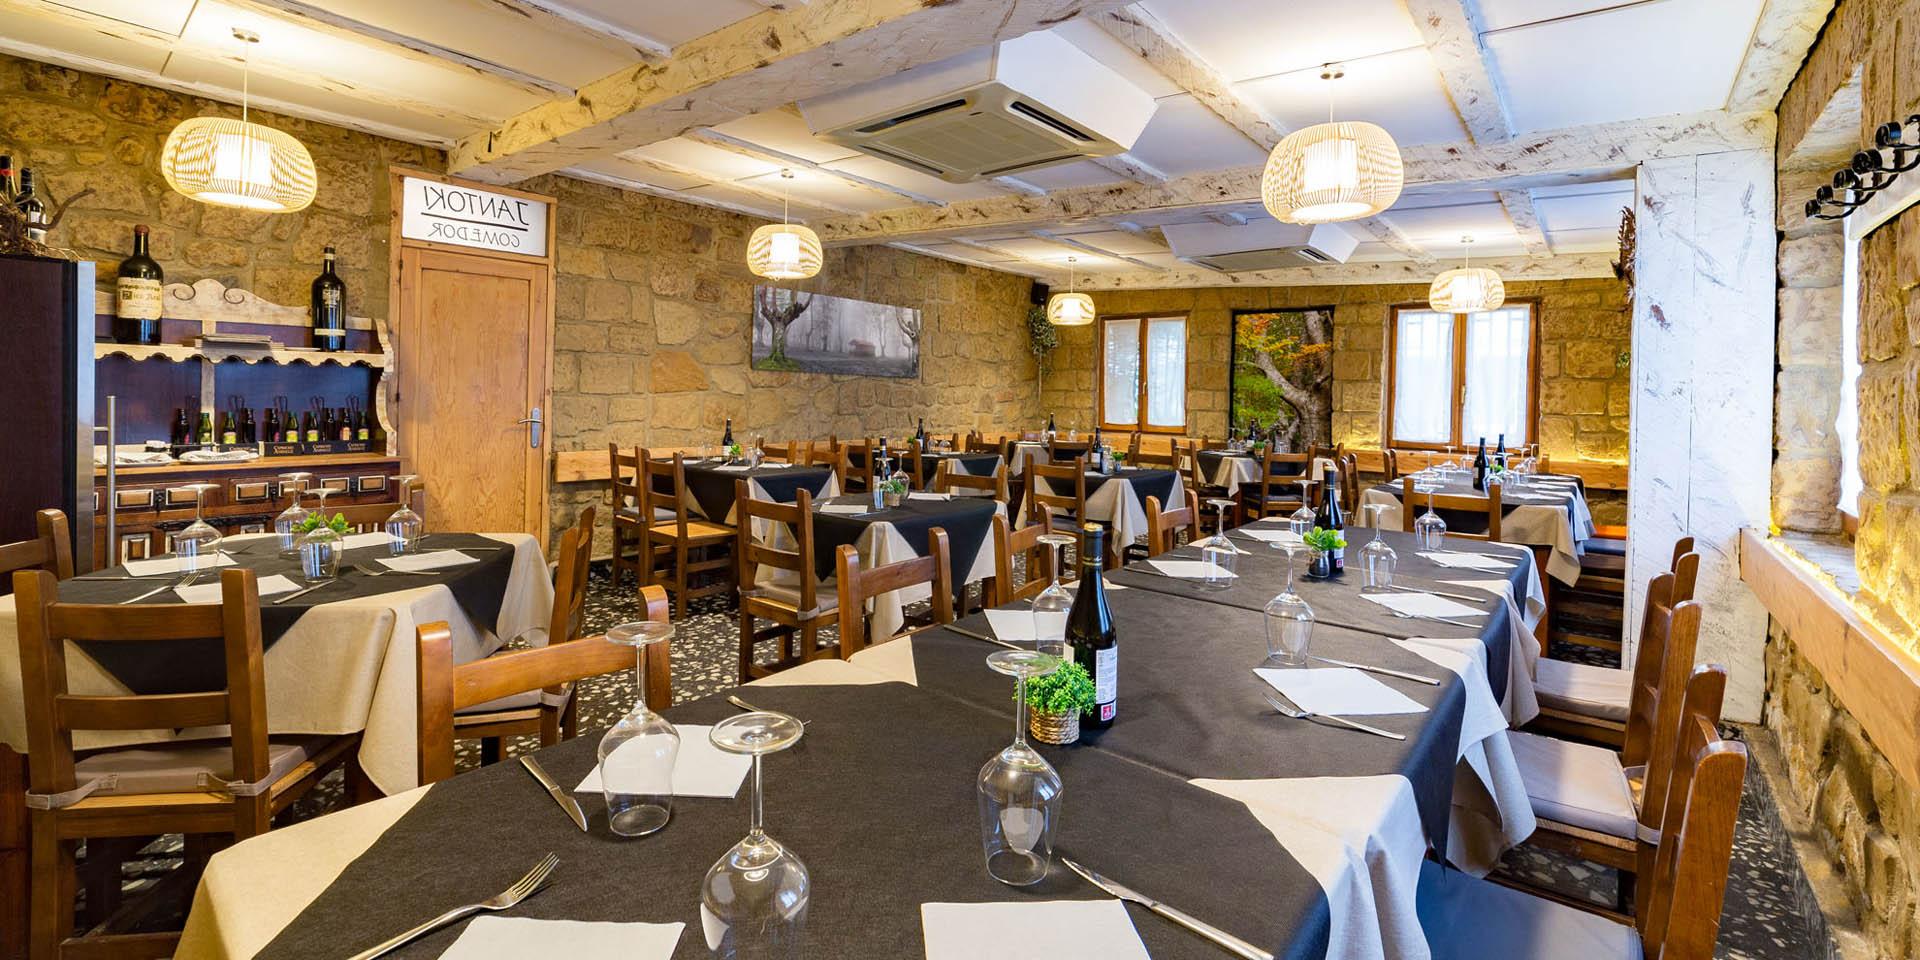 180713 Restaurante Etxe-Nagusi Igeldo09